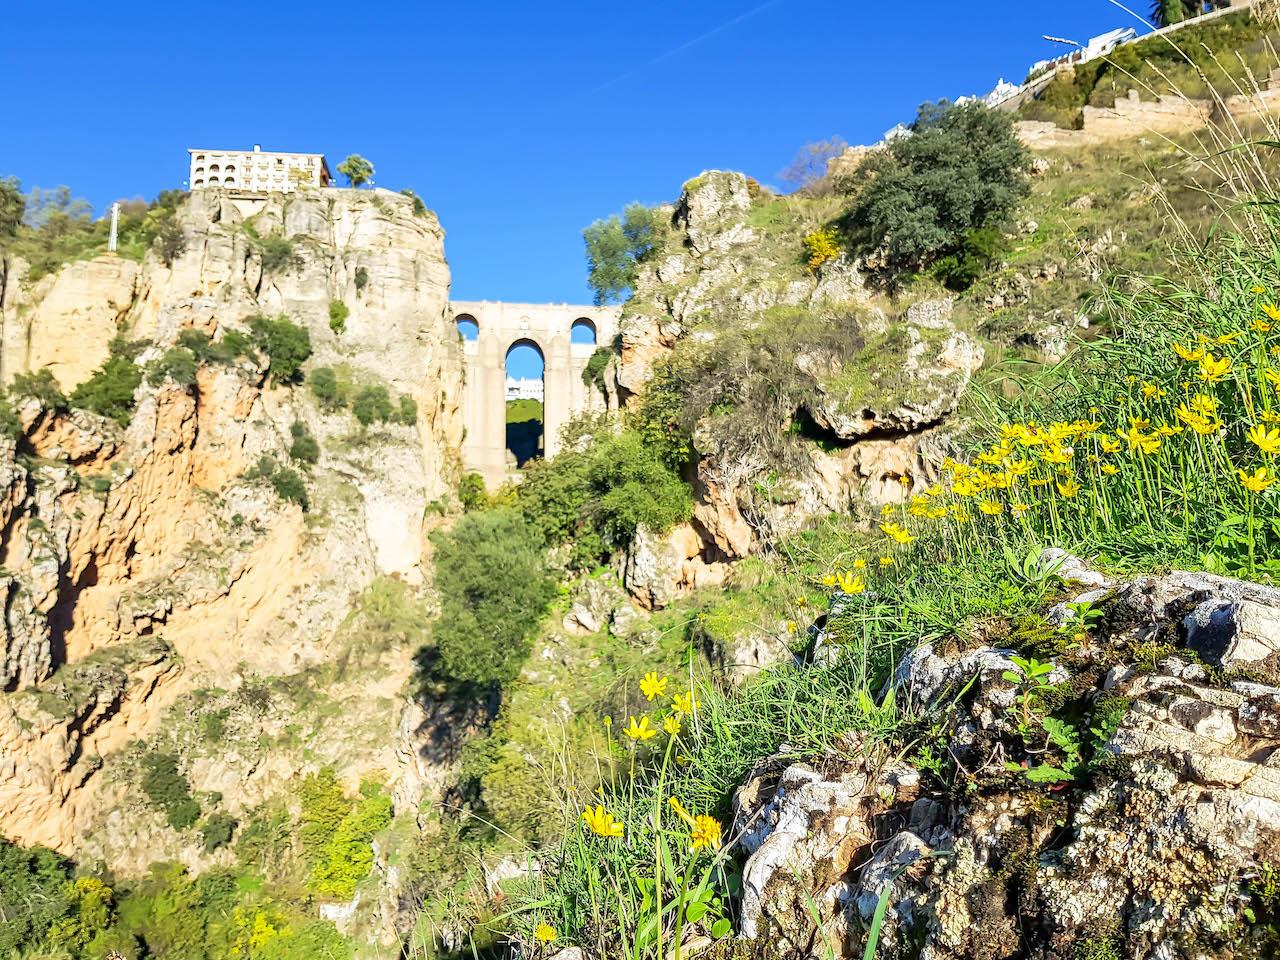 Eine etwas andere Perspektive auf die Brücke von Ronda.